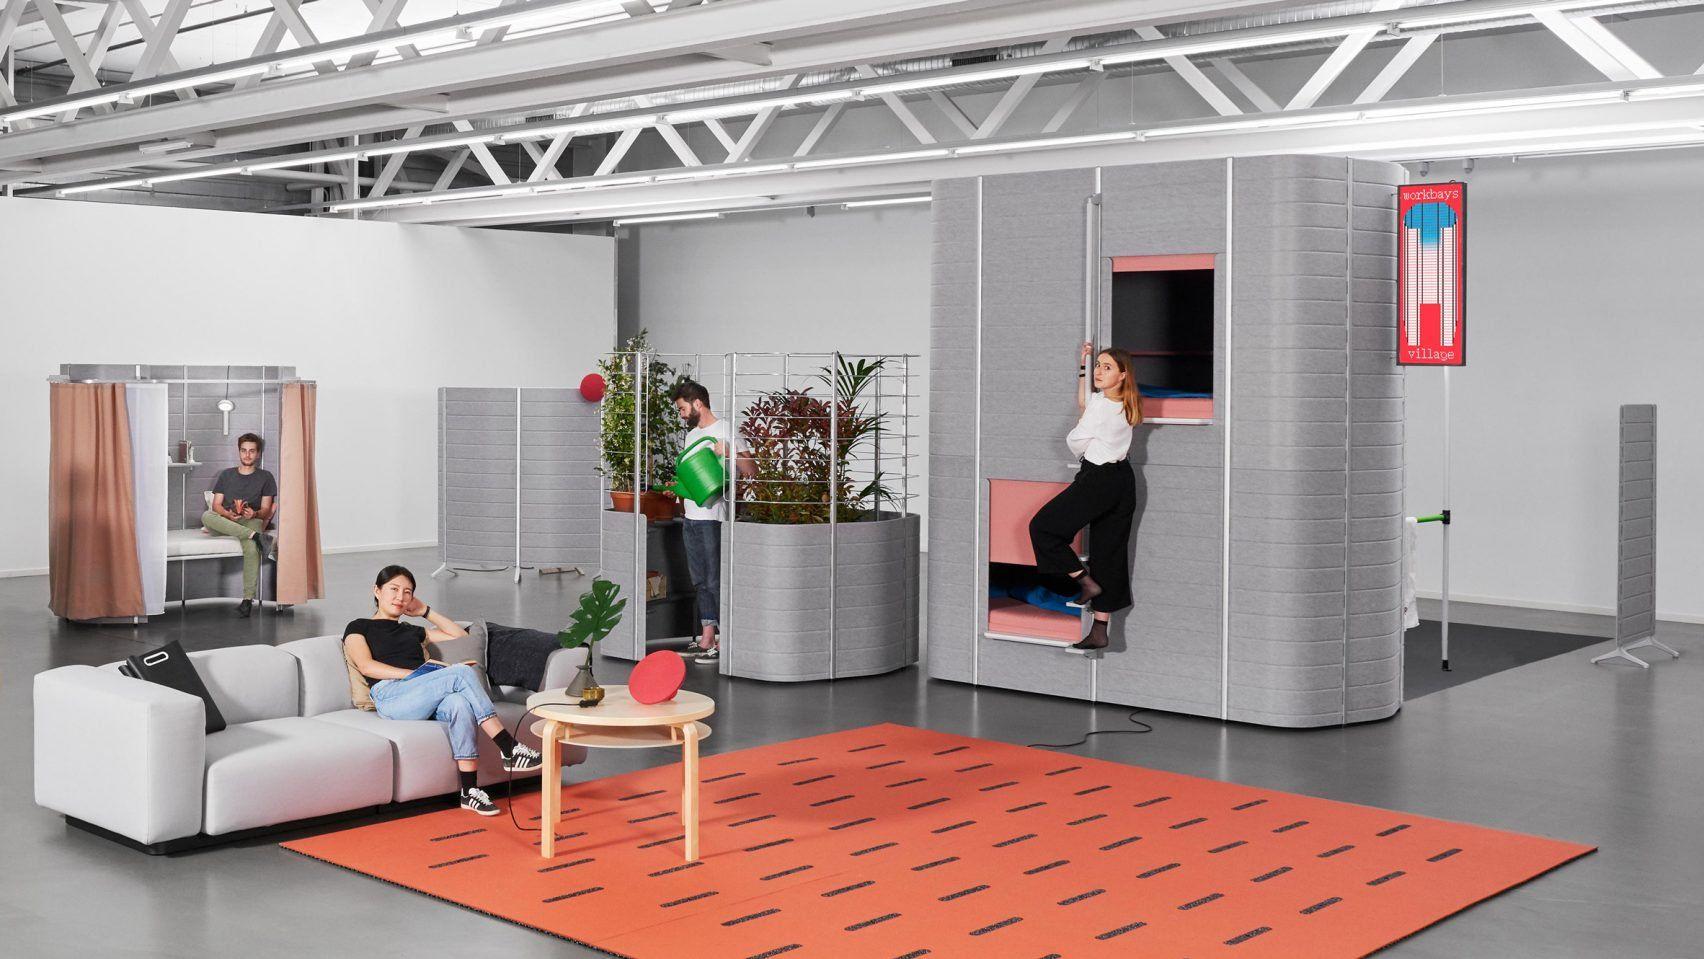 Design La Nouvelle Generation Repense L Interieur En 2 Temps